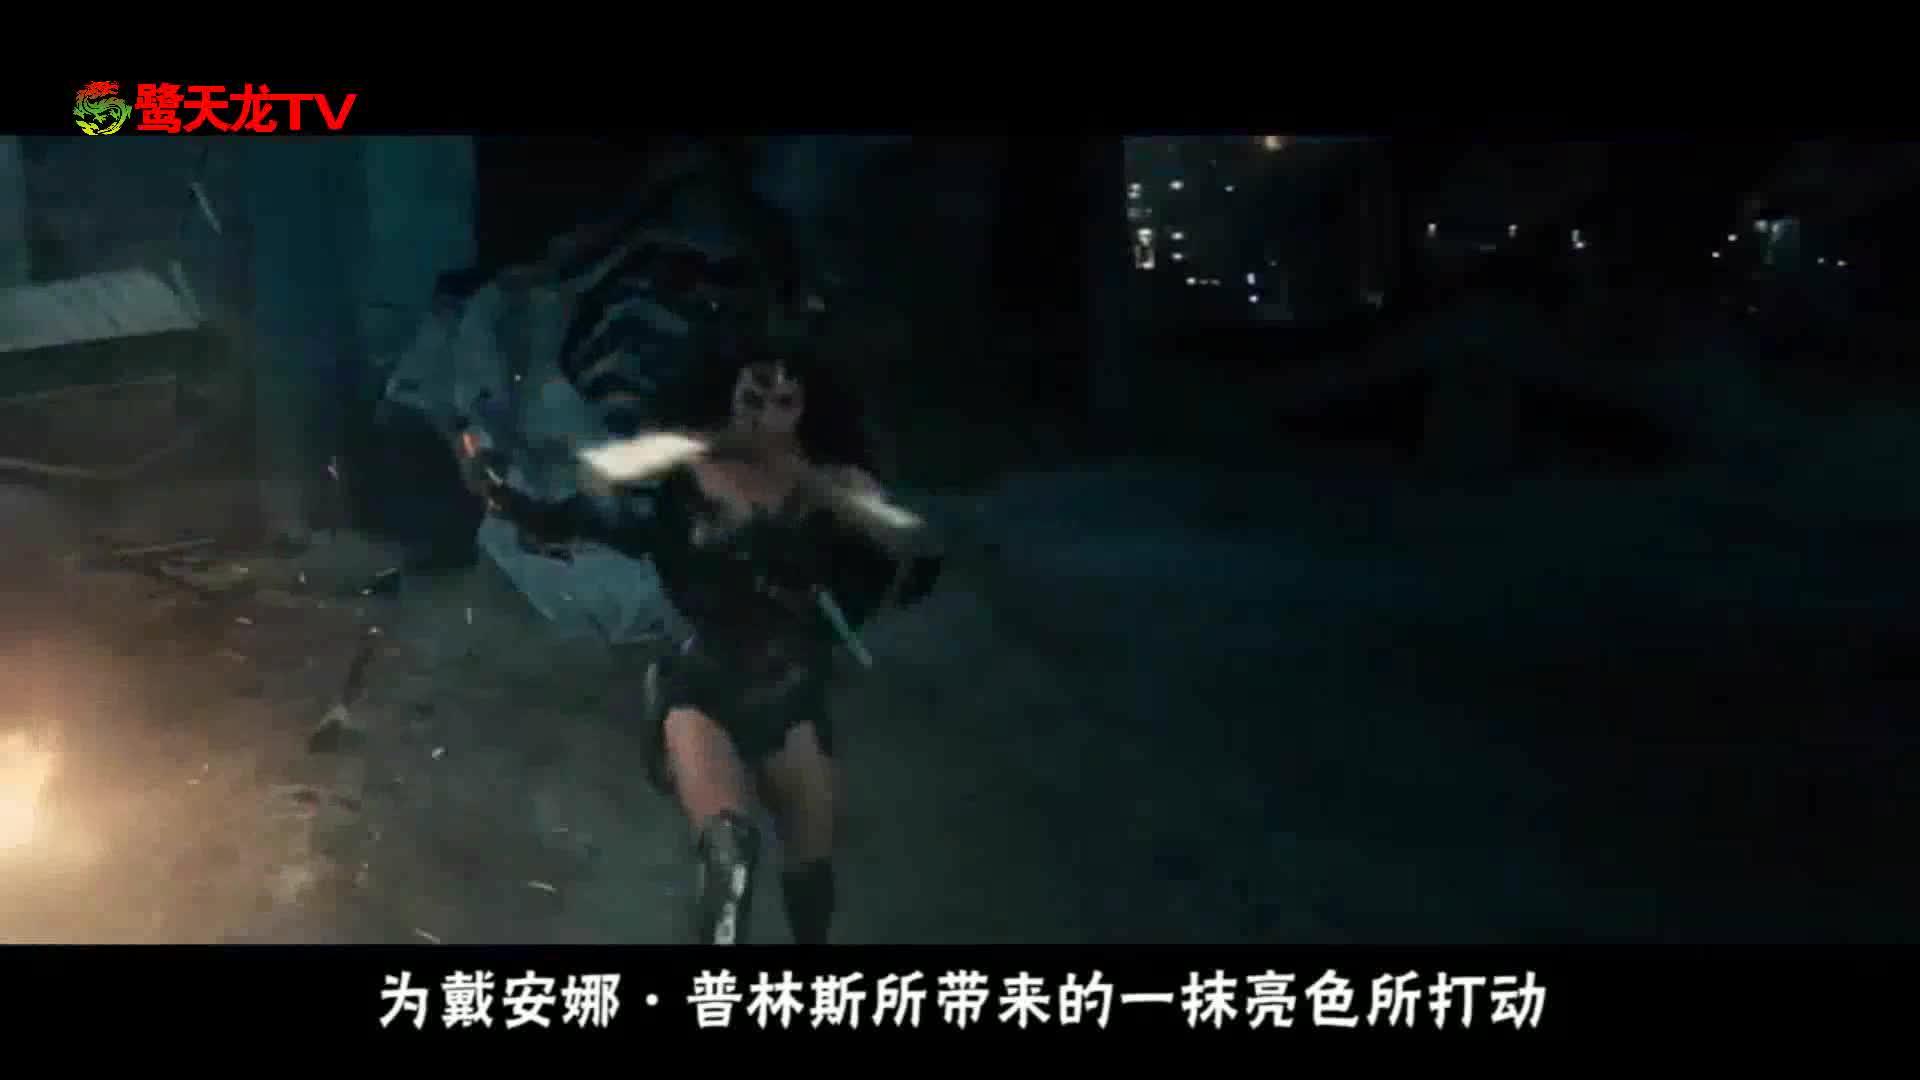 神奇女侠的开挂人生 和巨石强森是亲兄妹?